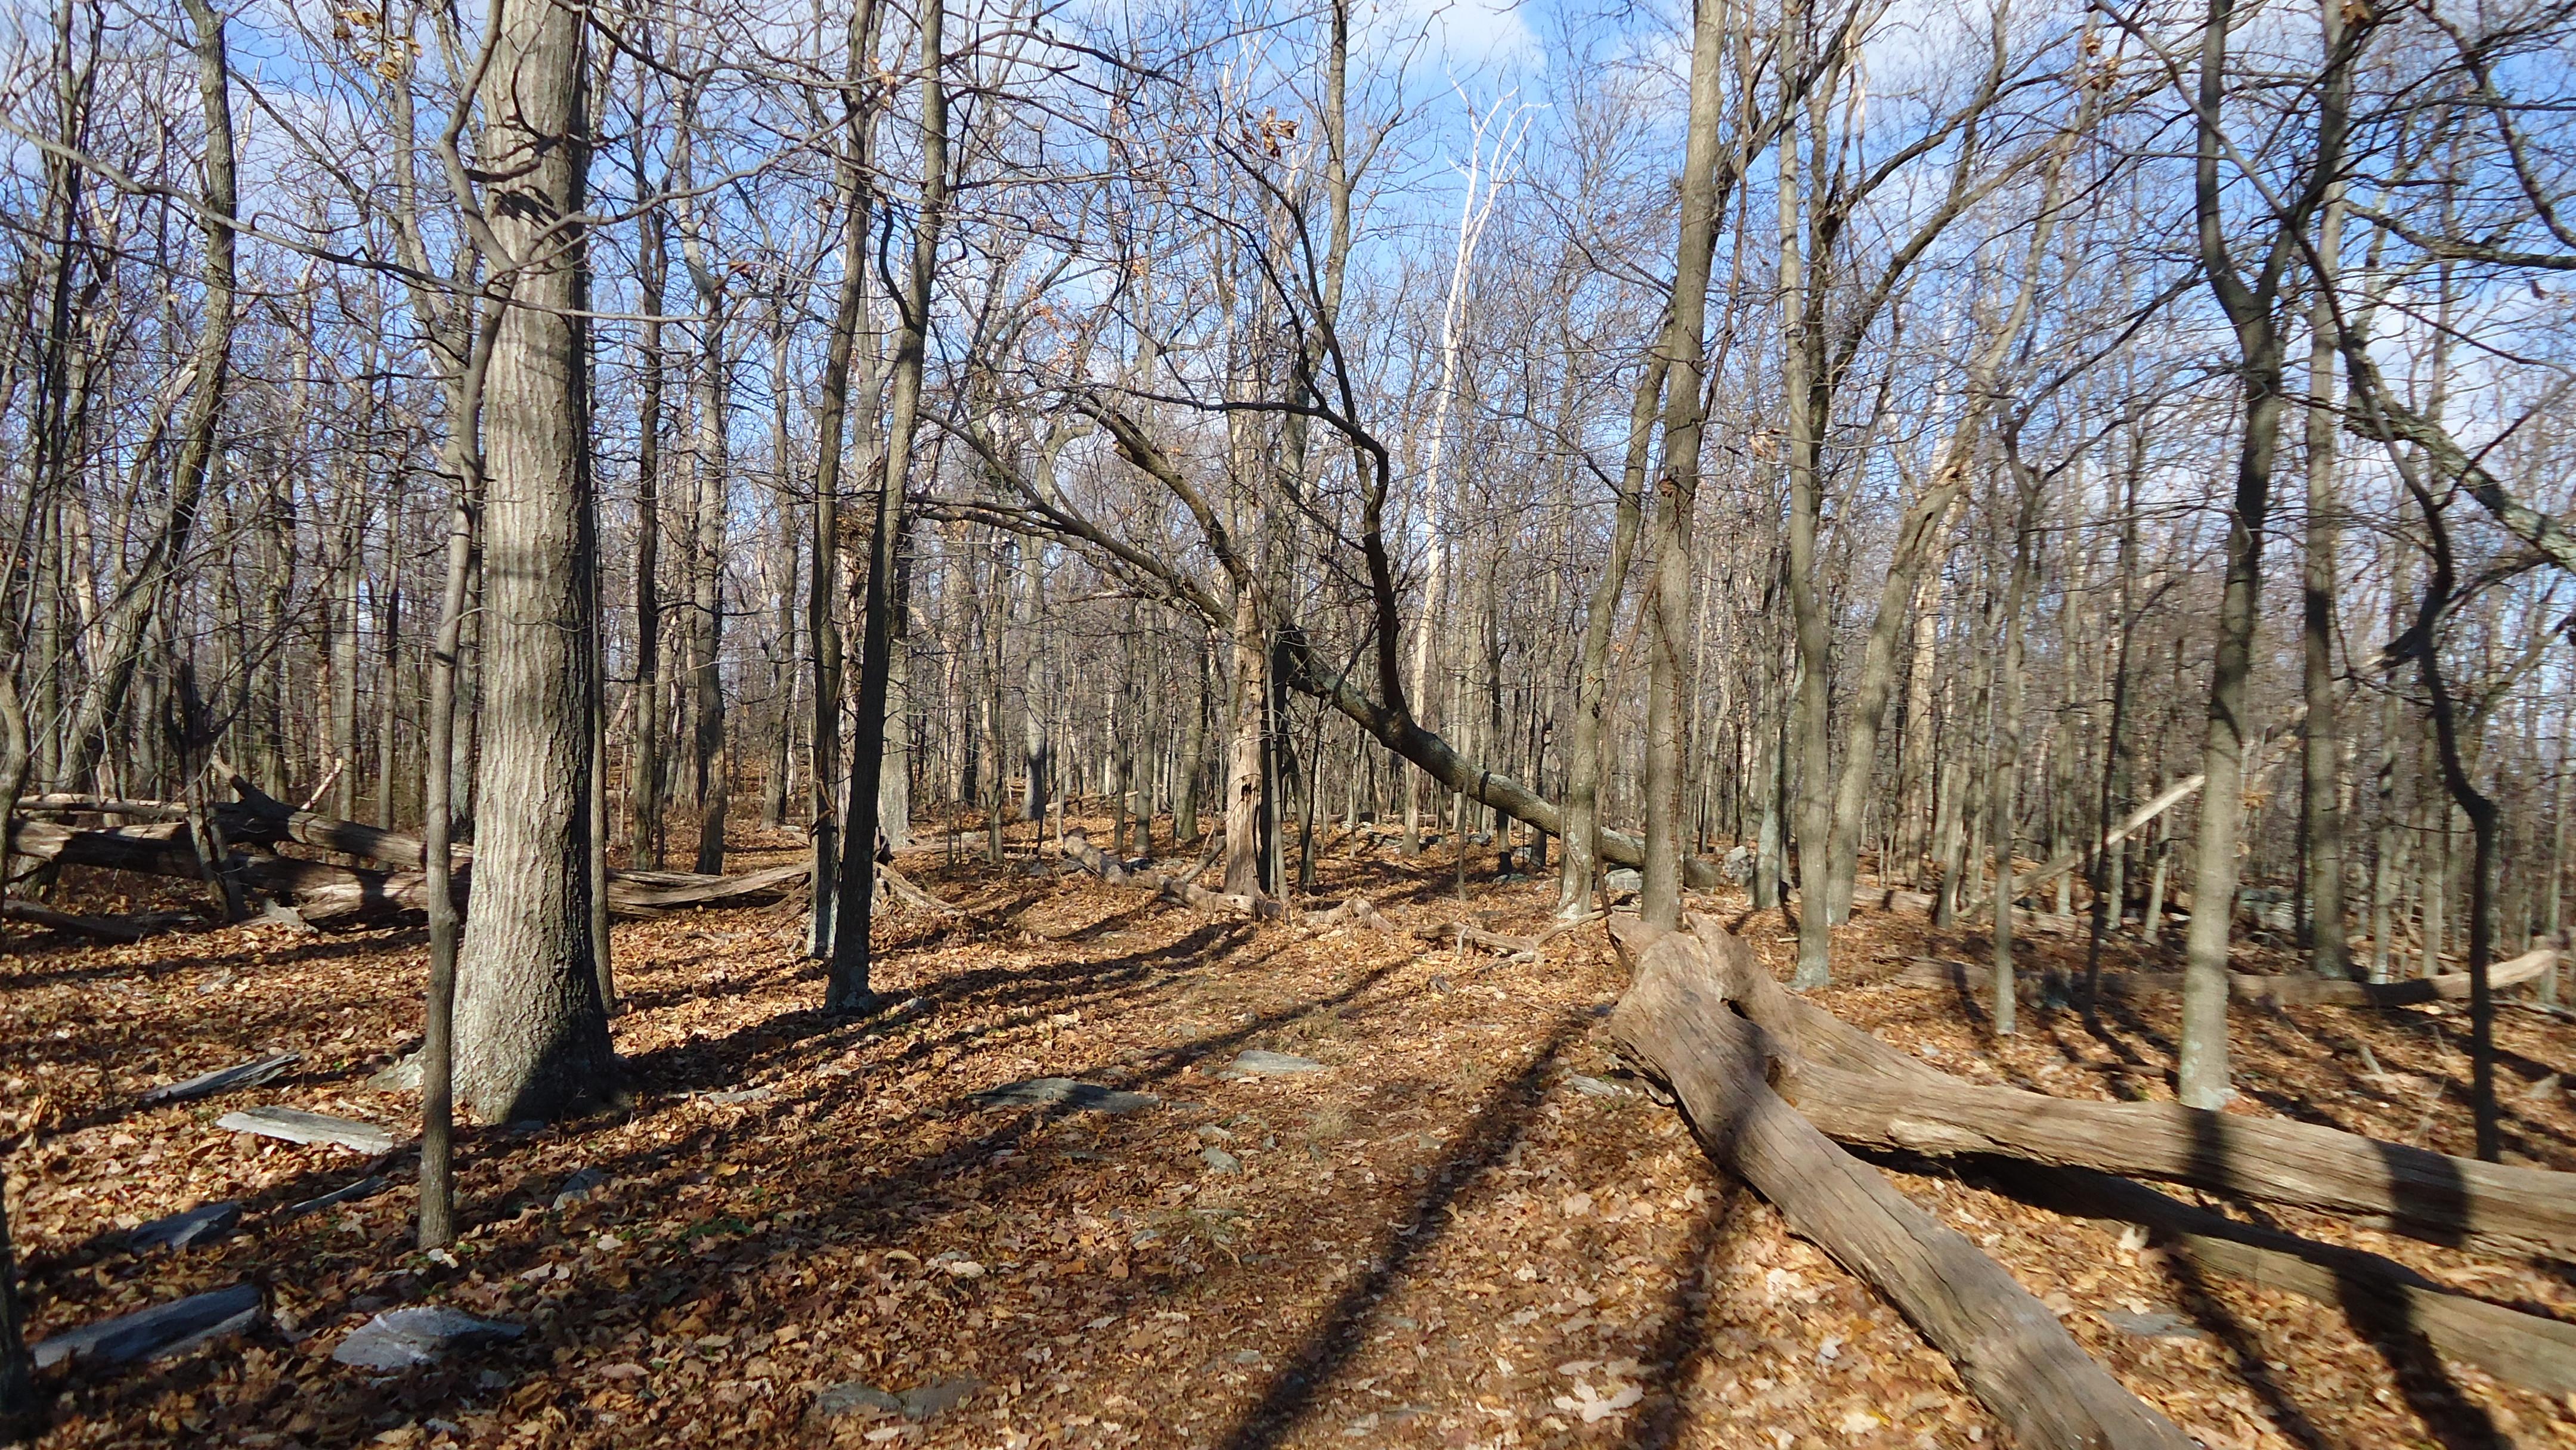 No Deer - Just Woods